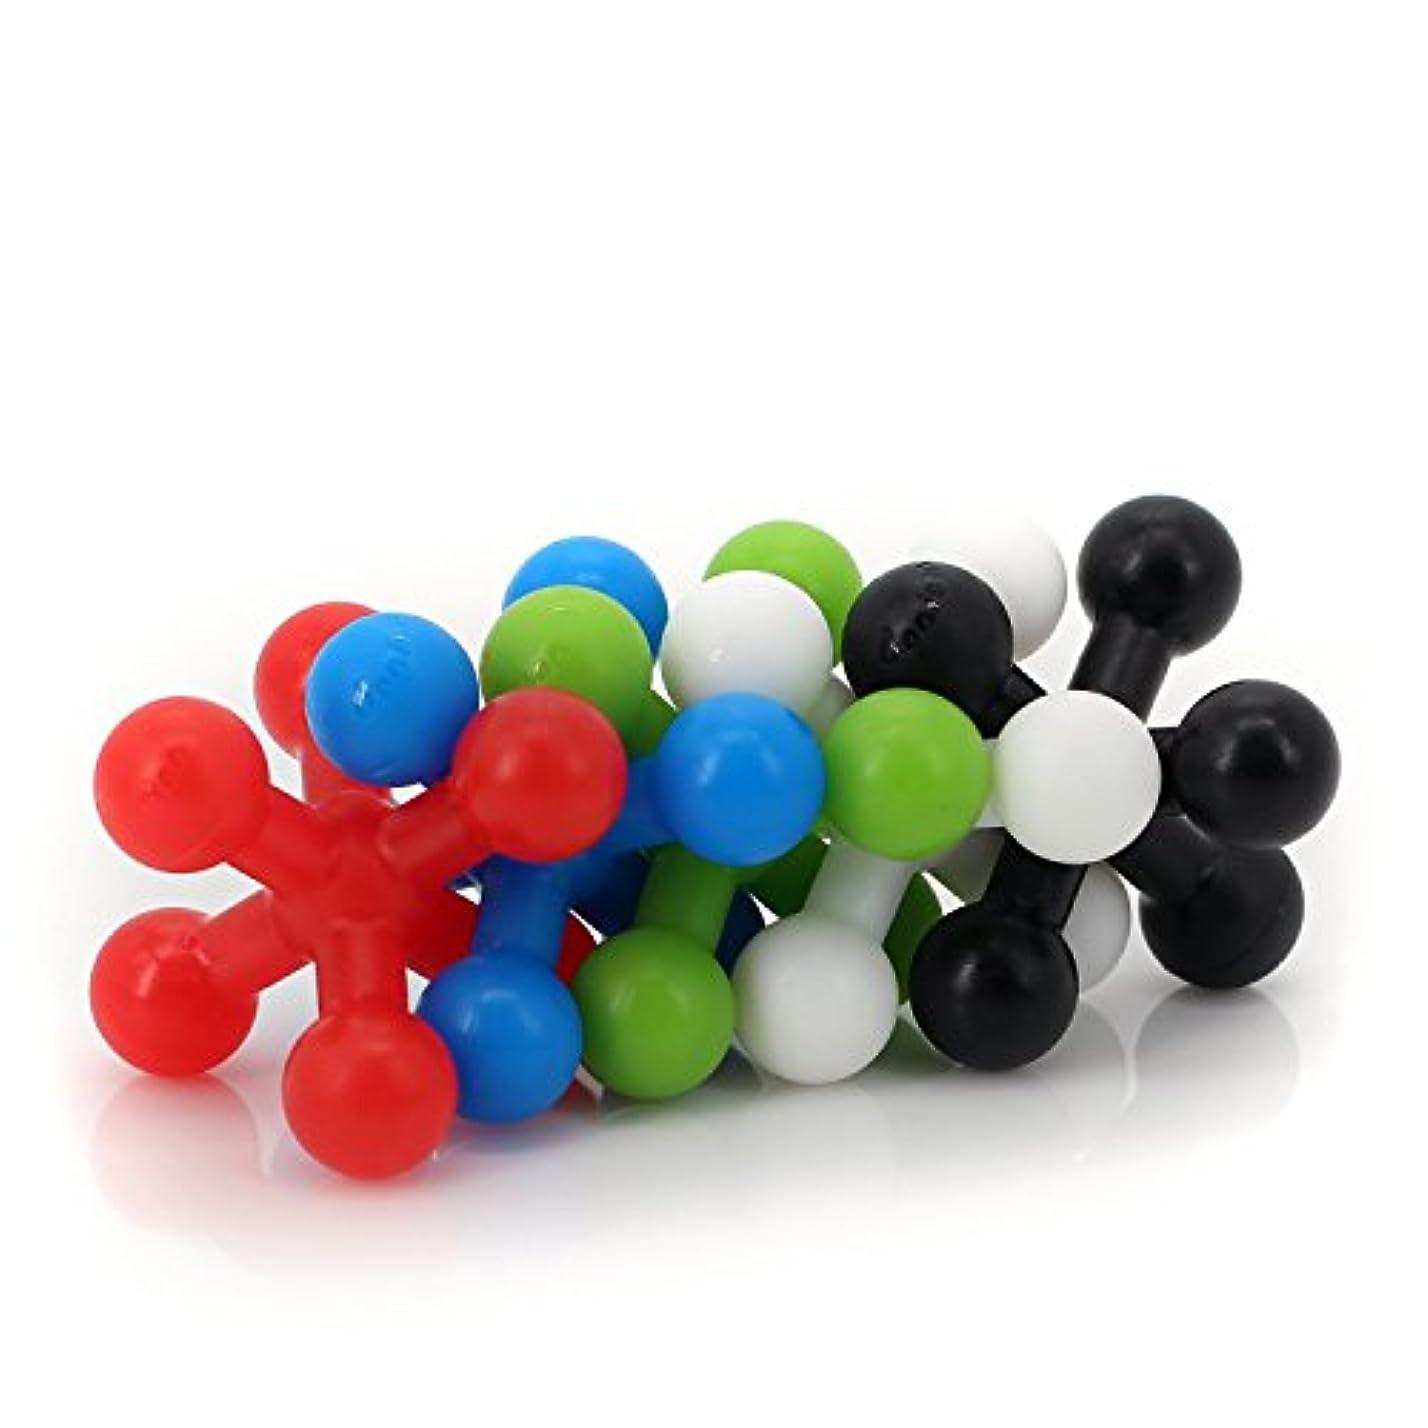 医薬アリーナ簡略化する強力な文字列ボールShakerのボトル/Perfect forブレンド、ミキシング、文字列パウダーDrinks – 虹色5個パック